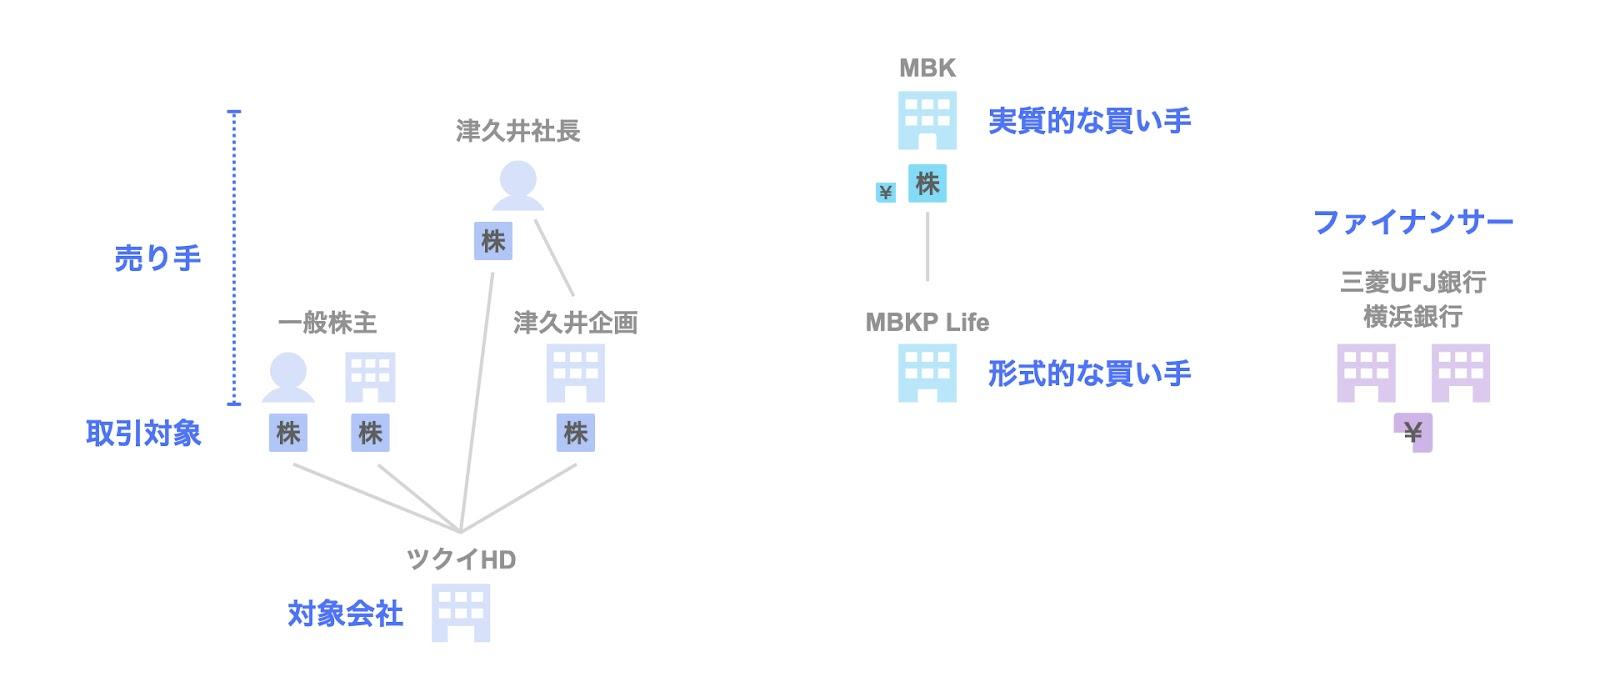 投資事例:MBKパートナーズによるツクイホールディングスへの投資の関係者